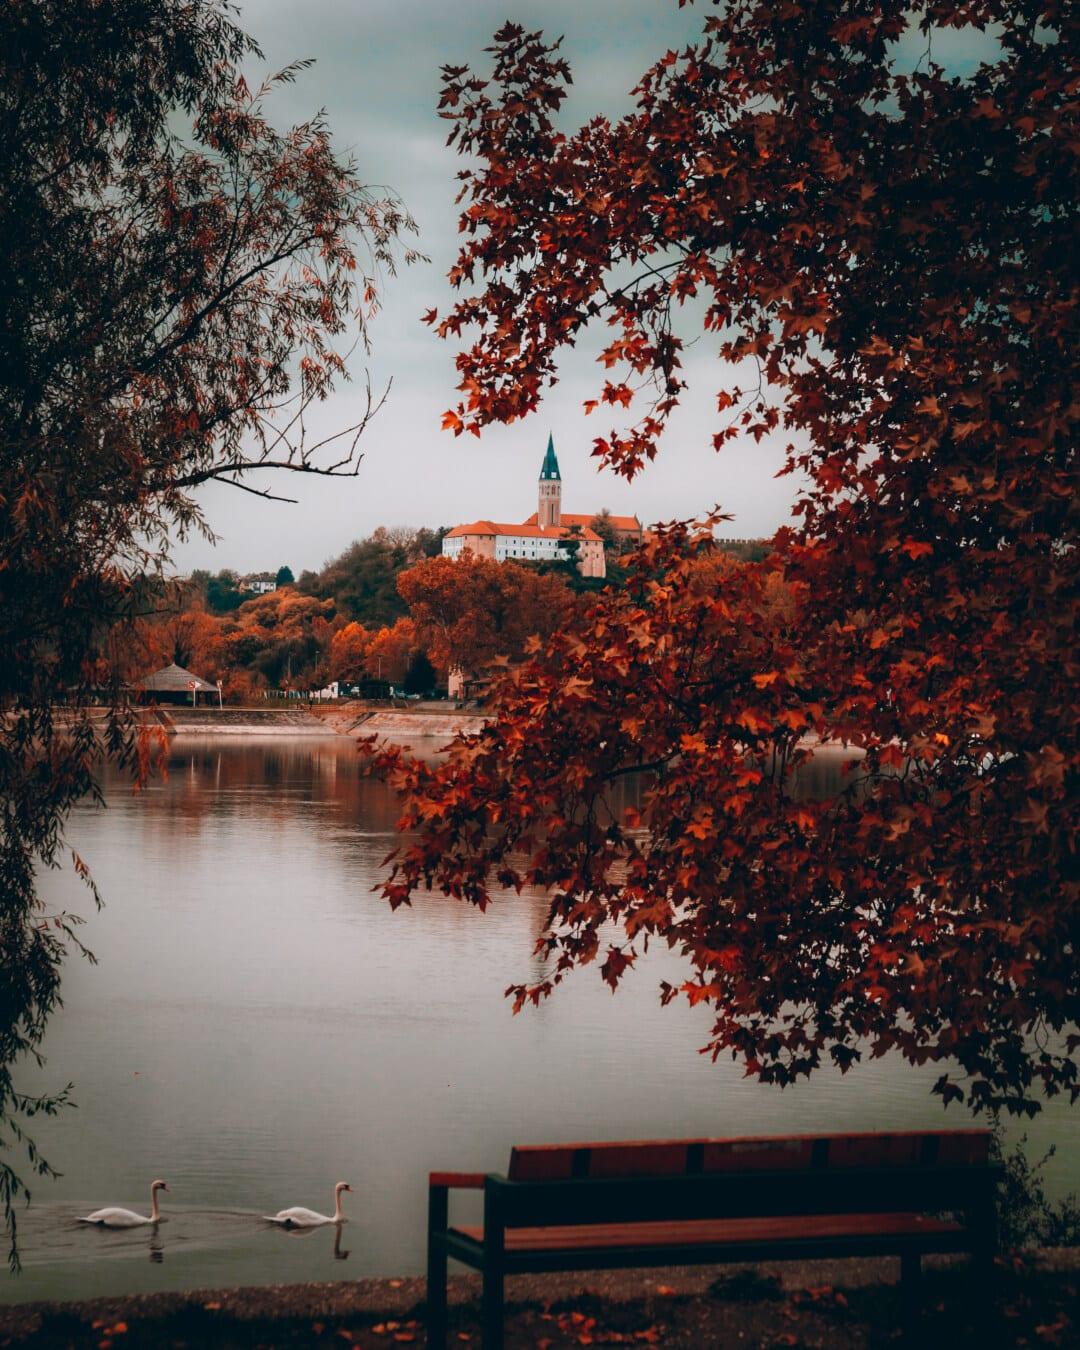 Herbst, Bäume, Flussufer, Schwan, Vögel, Kirchturm, Kloster, Schloss, Blatt, Landschaft